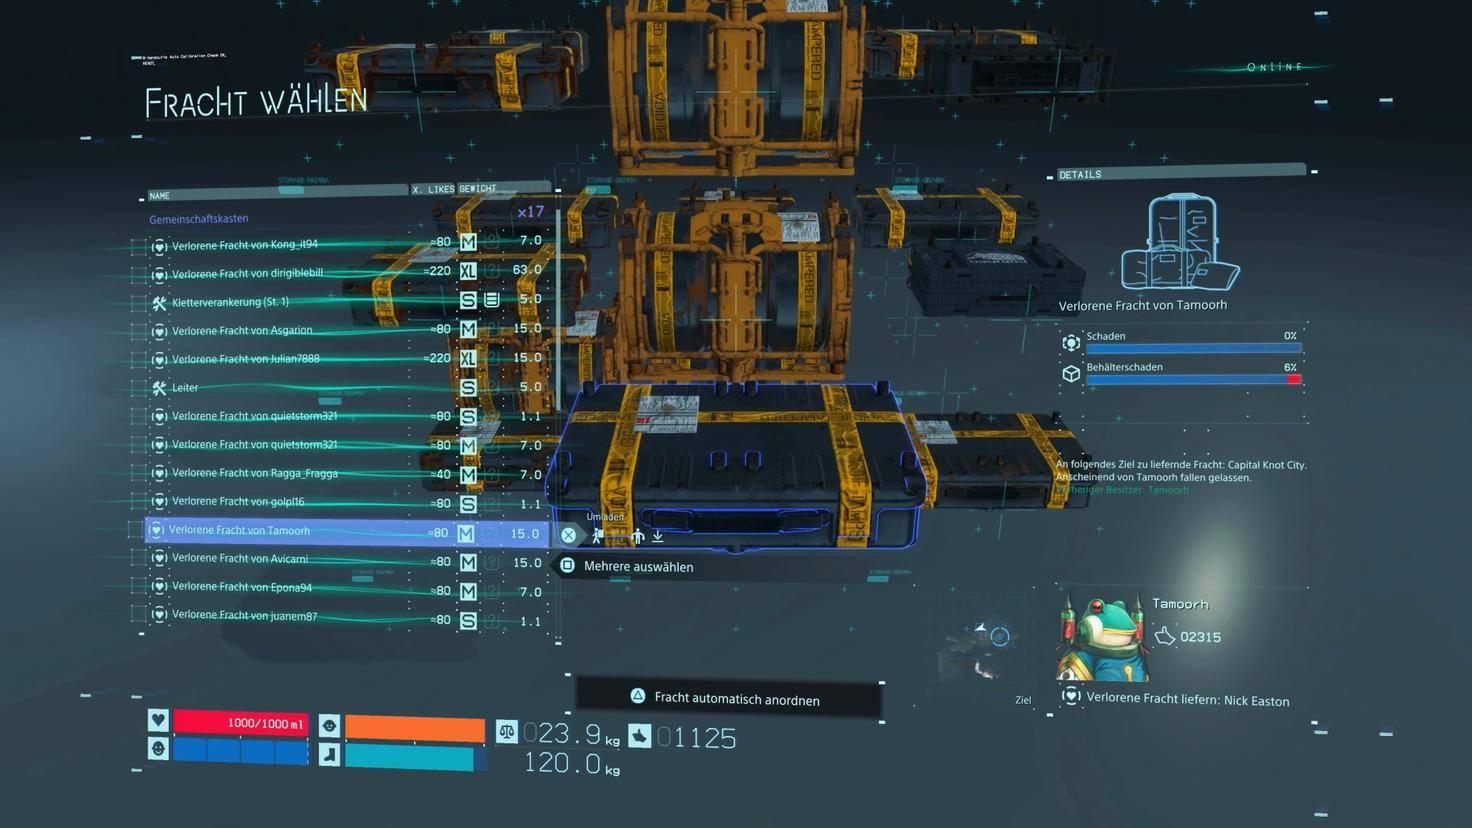 death-stranding-verlorene-fracht-screenshot